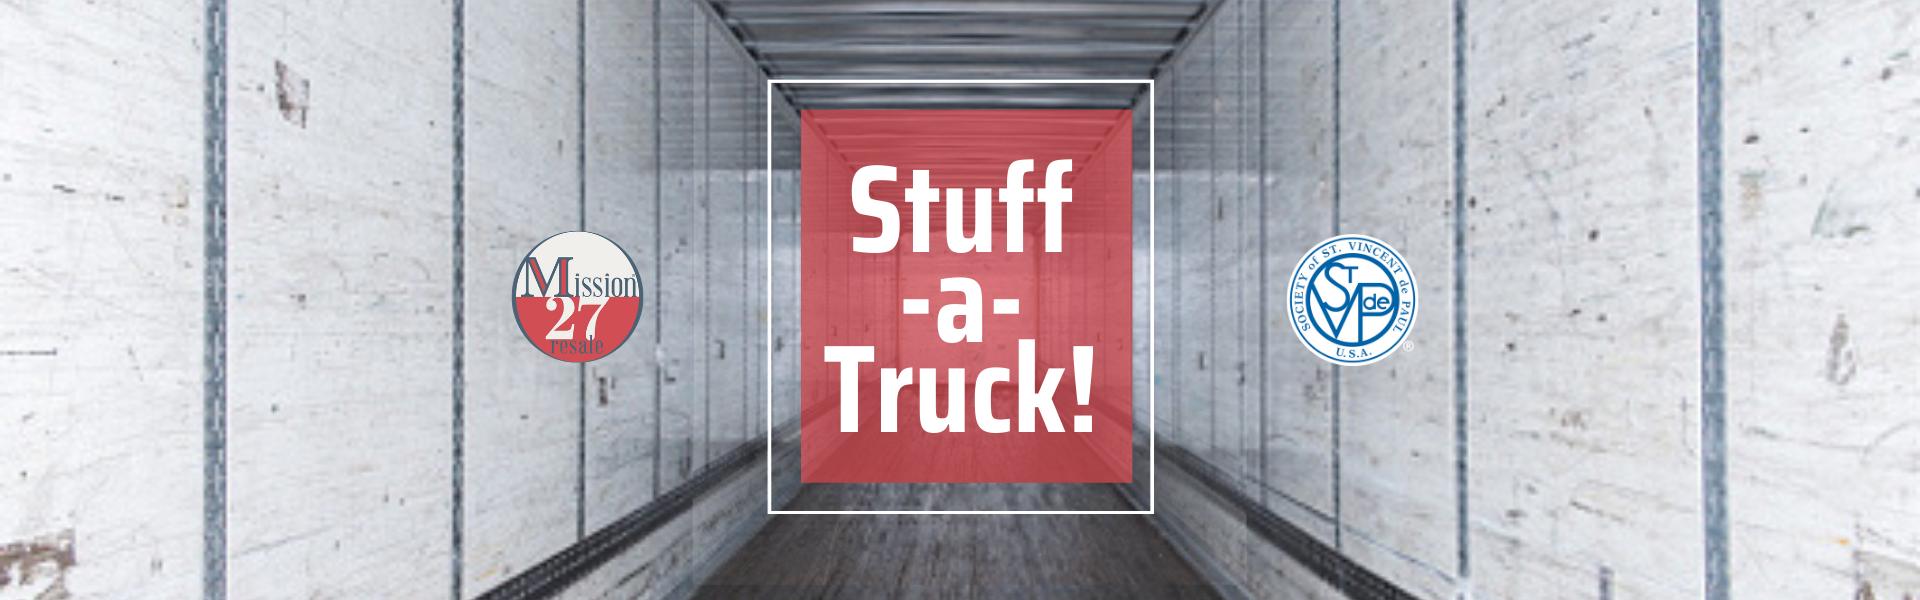 Stuff-a-Truck